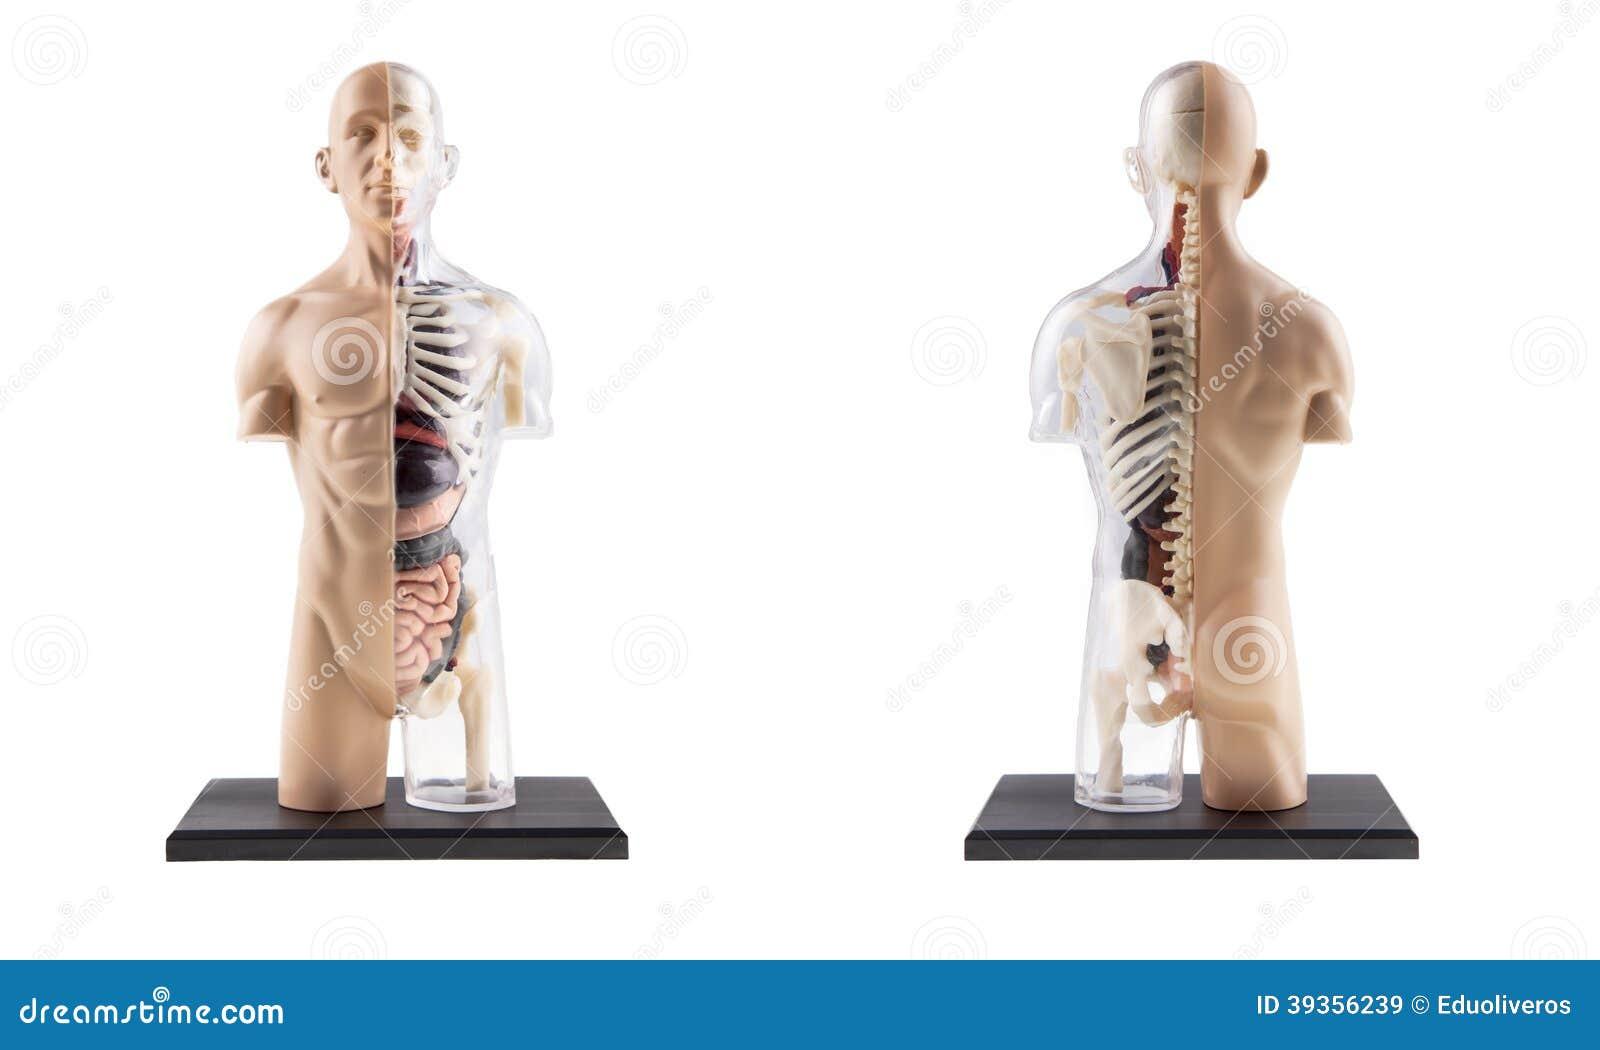 Figura Corte Transversal Del Cuerpo Humano Imagen de archivo ...